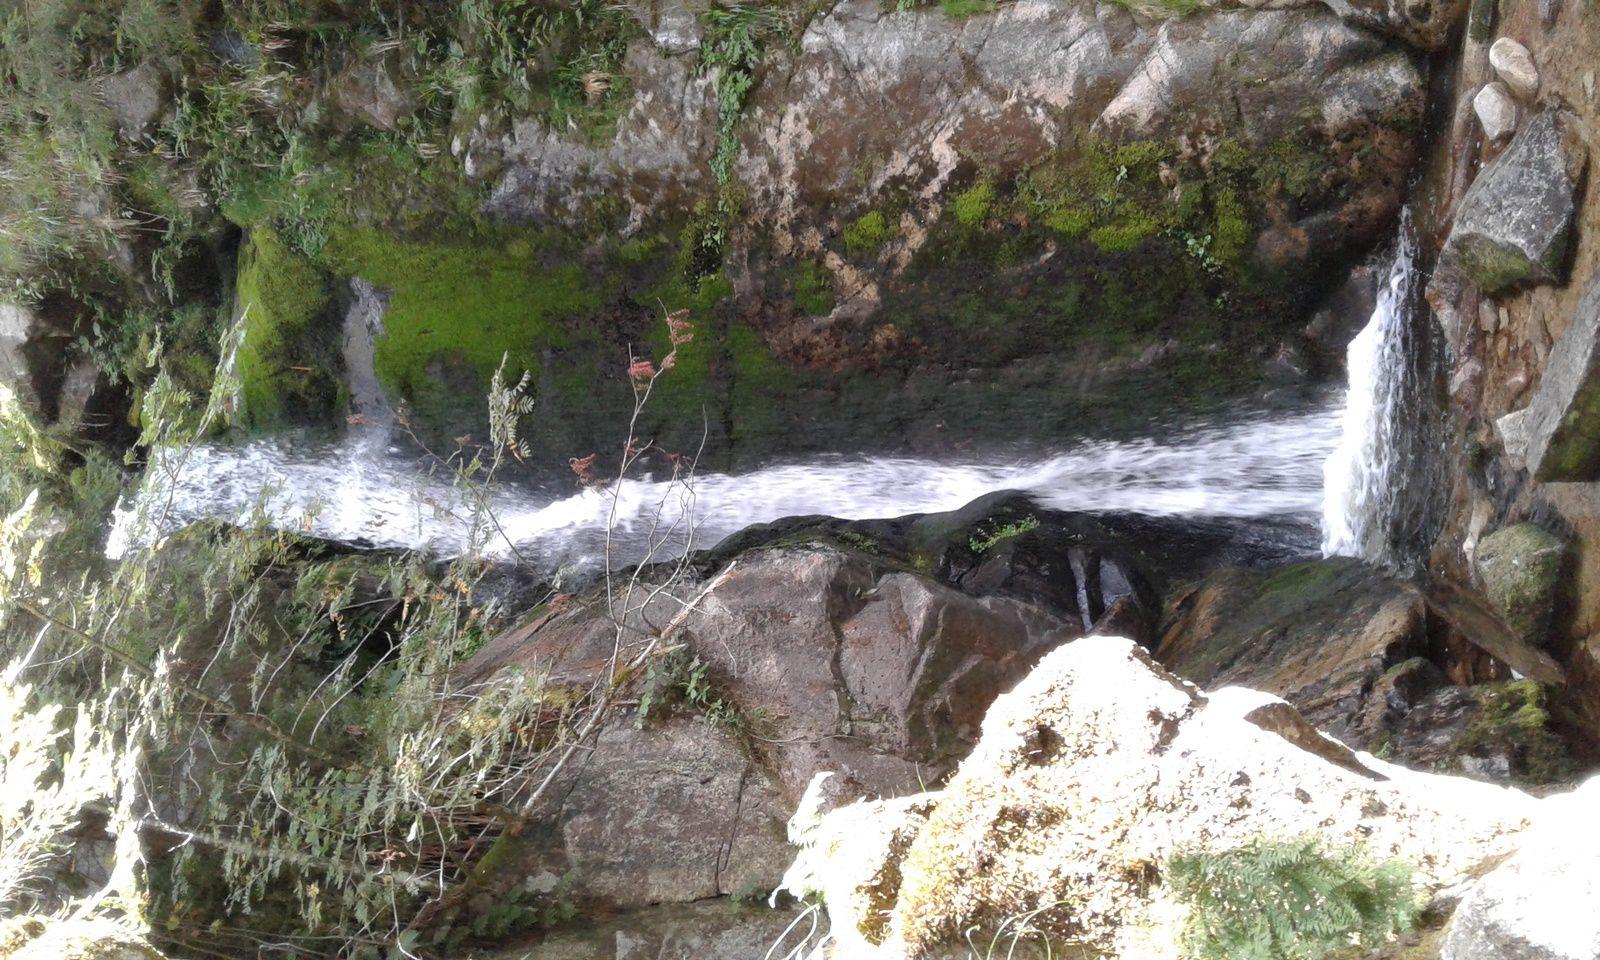 Mardi 14 août 2018 - Randonnée vers la chaume de Sérichamp, le tour du Valtin, le Rudlin et sa cascade